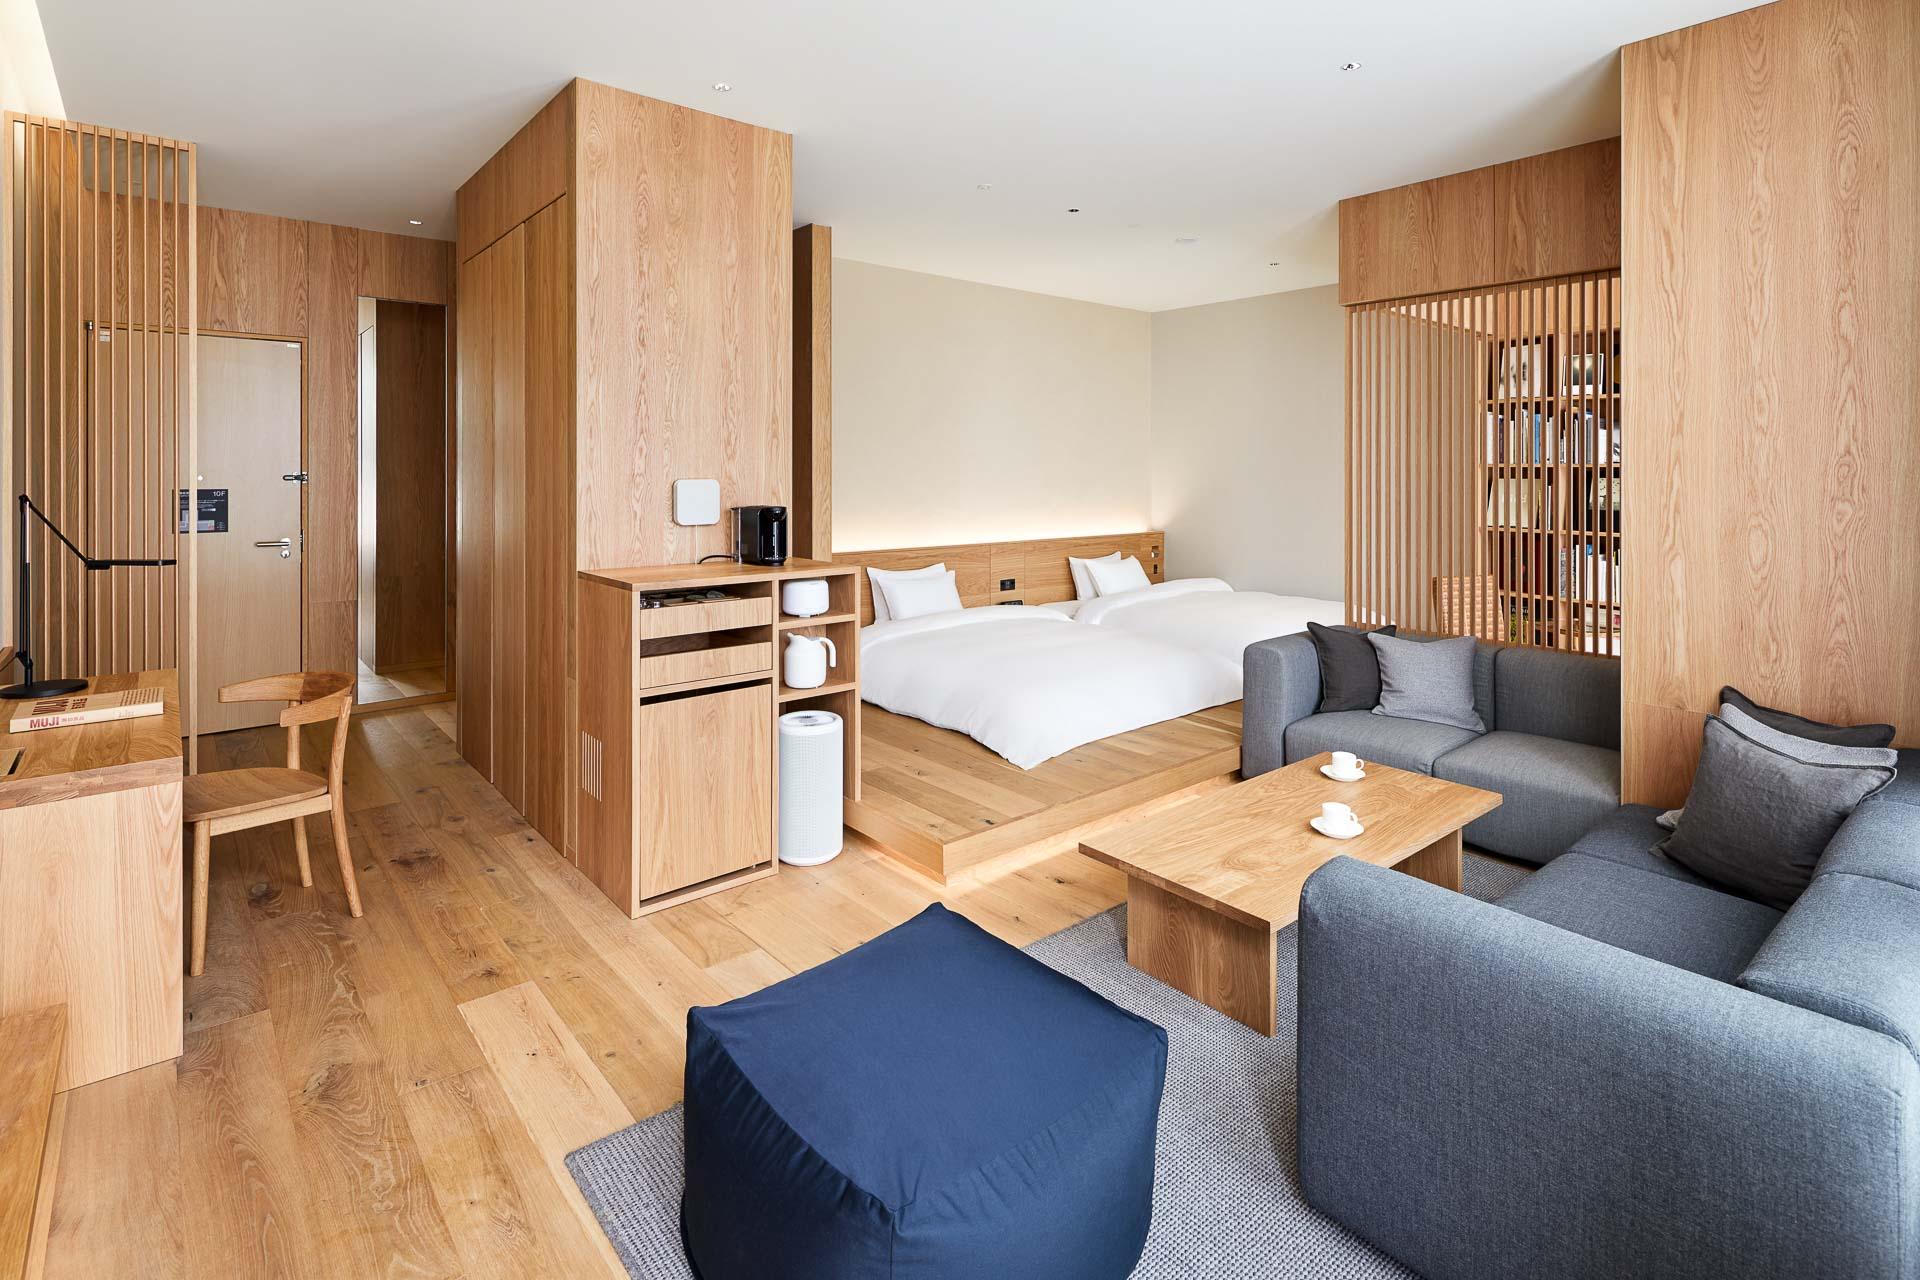 Le premier hôtel MUJI au Japon a ouvert ses portes en avril à Tokyo, dans le quartier chic et commerçant de Ginza. Qualité, fonctionnalité et minimalisme sont conjugués dans les 79 chambres allant de l'alcôve tout confort à la suite. La visite en images.